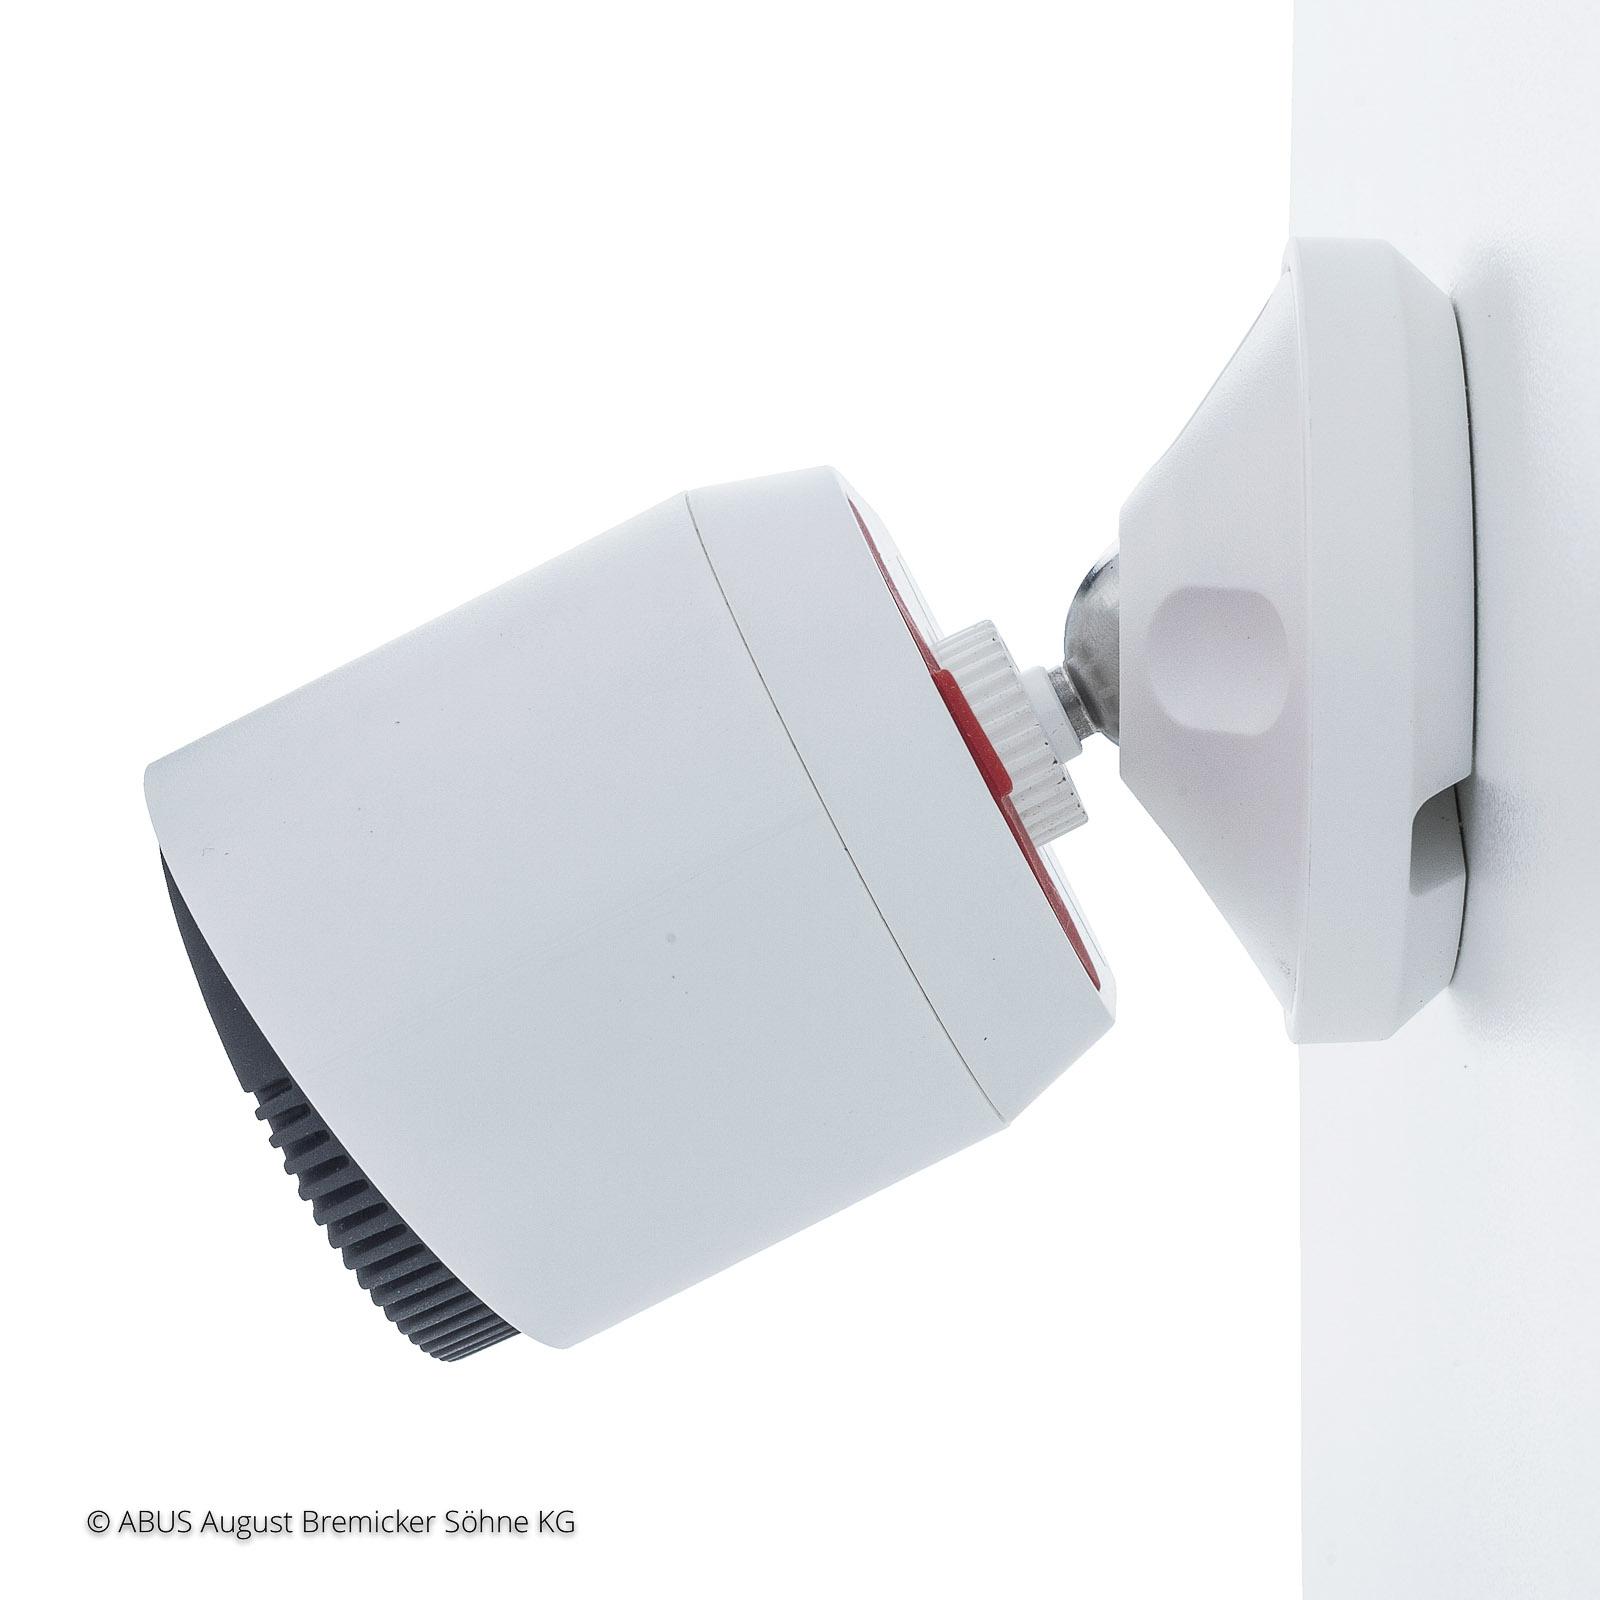 ABUS Akku Überwachungskamera mit WLAN Basisstation